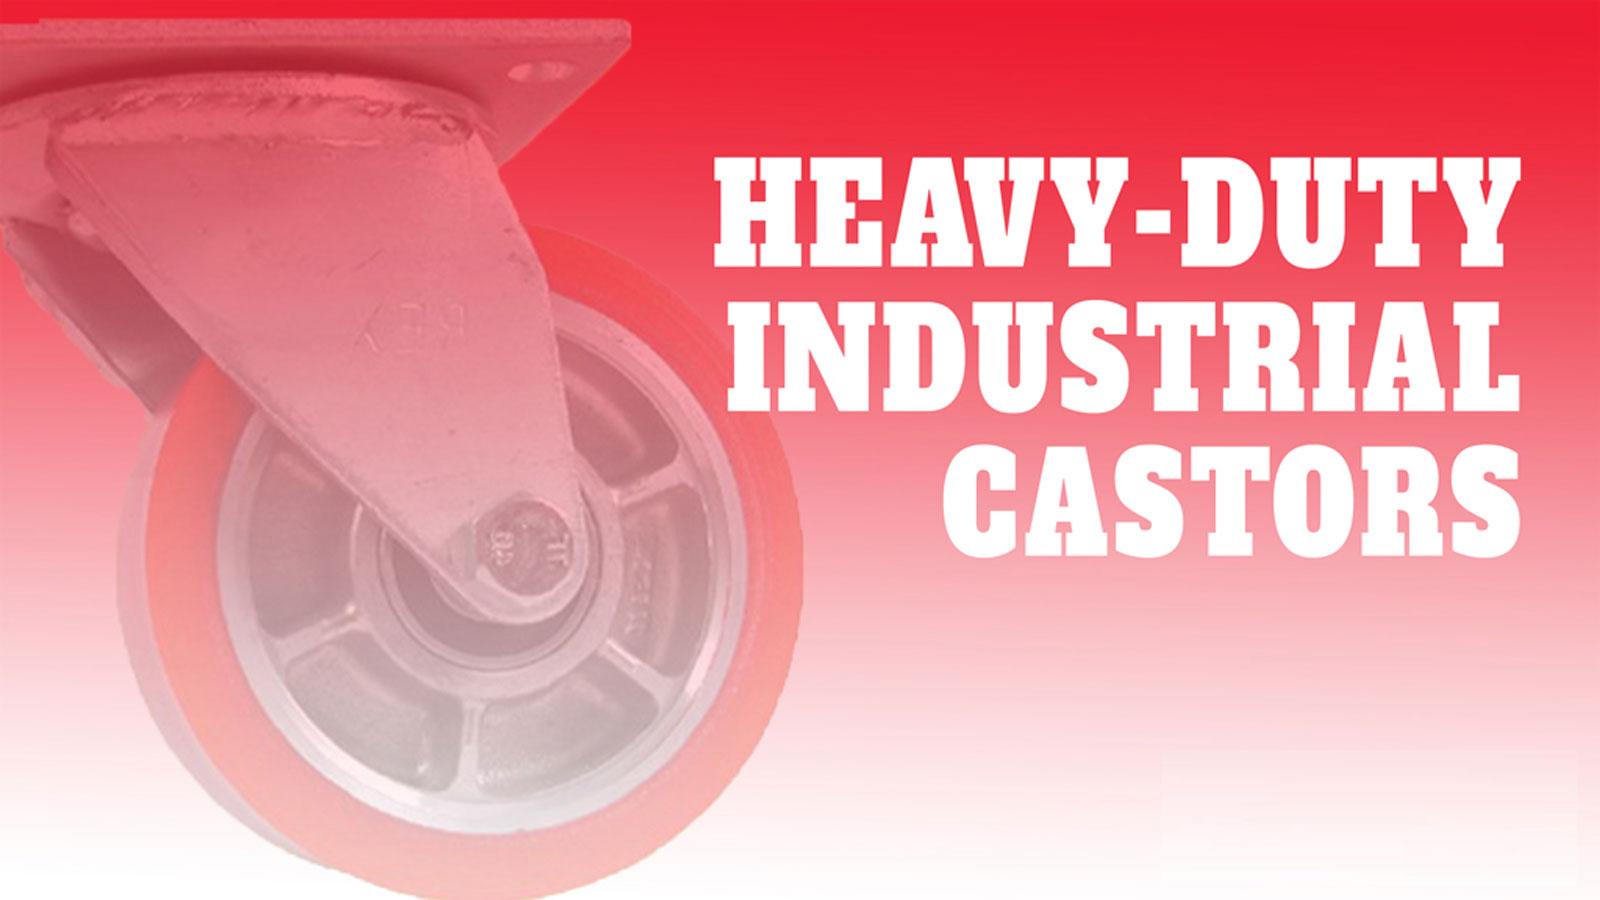 Castor-Heavy-Duty-Industrial